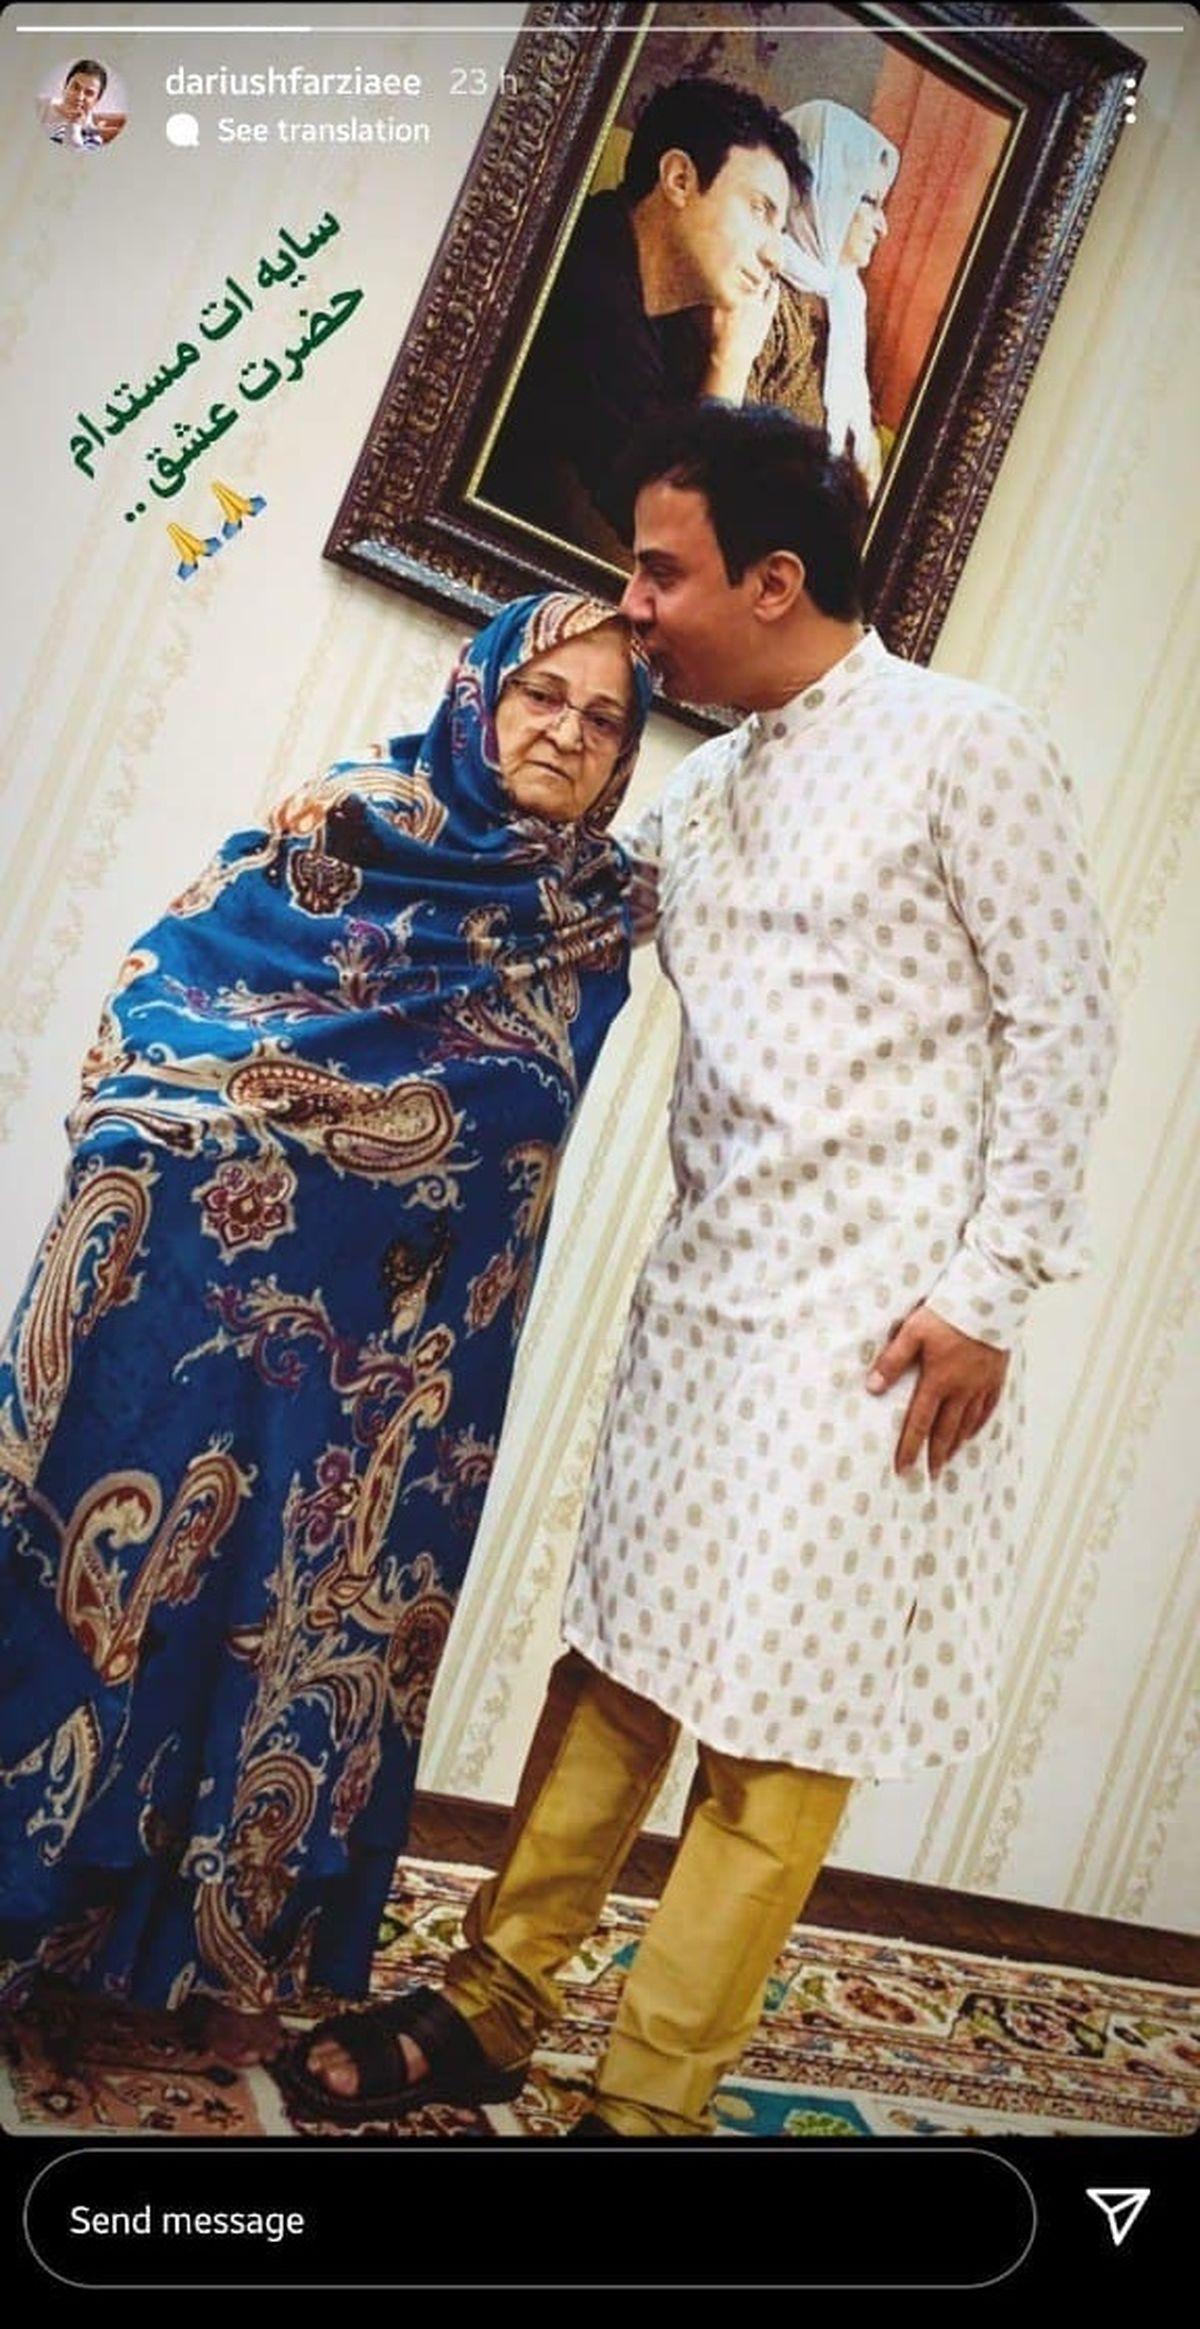 تصویر عمو پورنگ و مادرش در لباس هندی